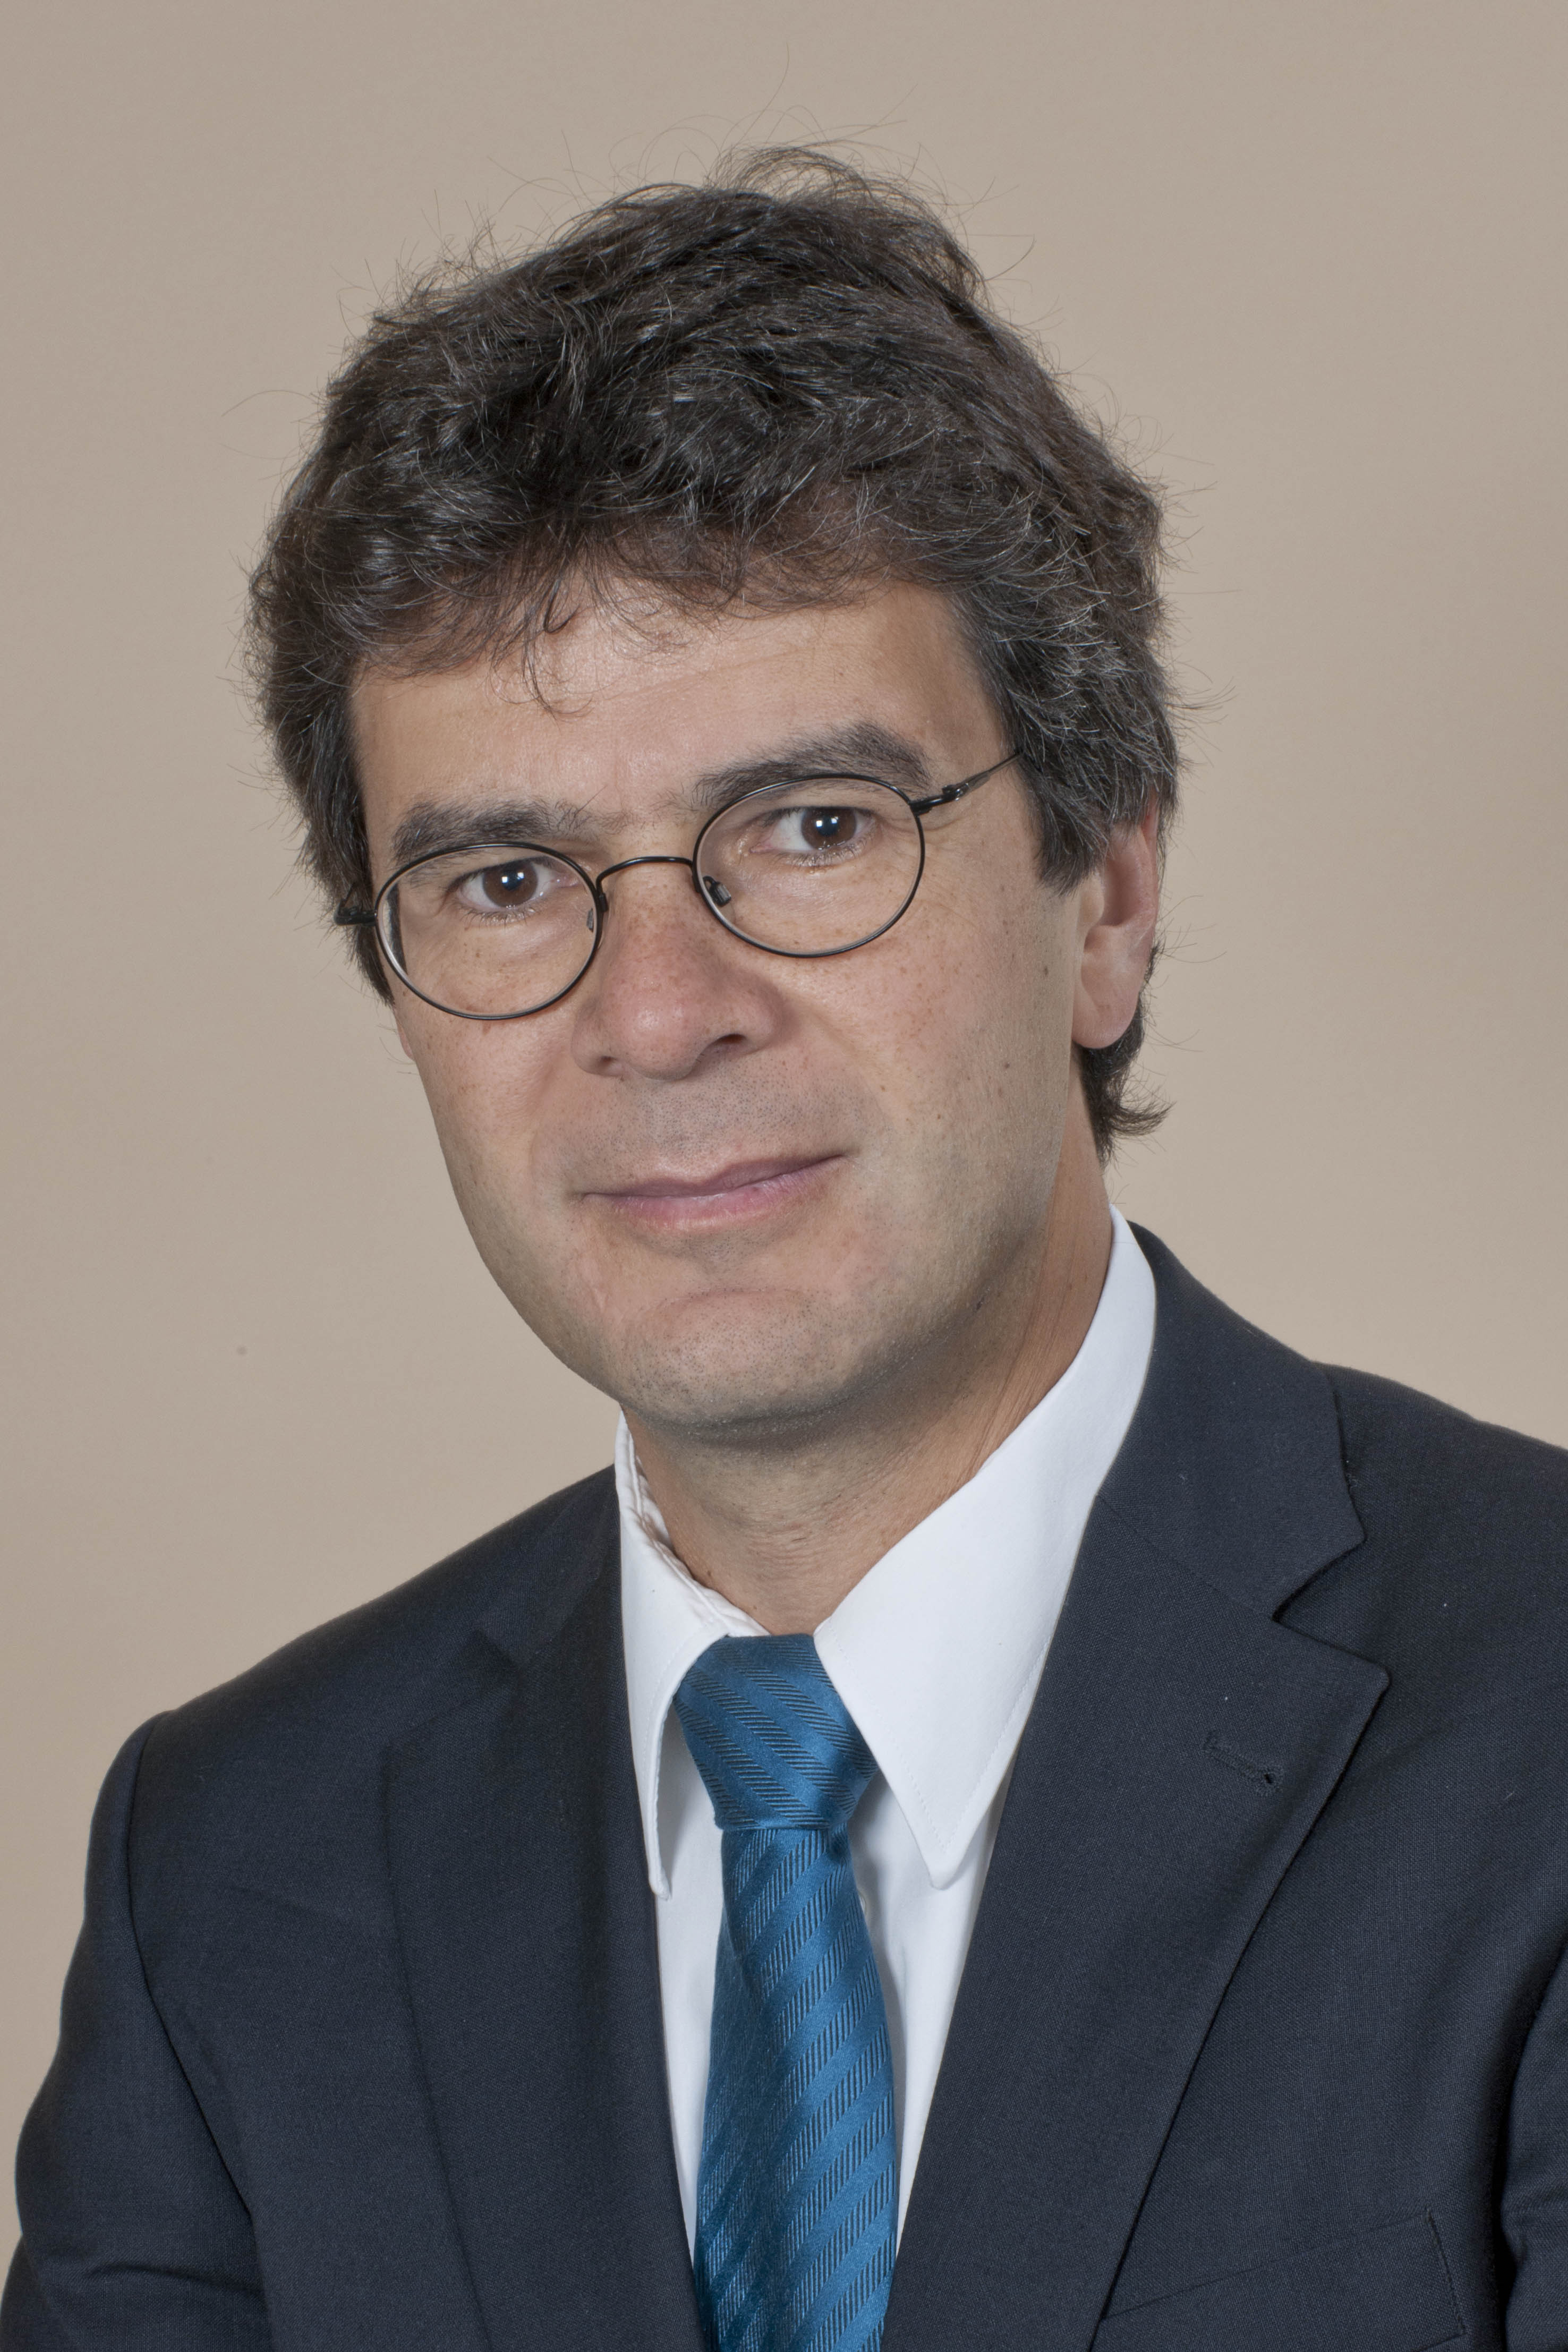 Gerard Krause